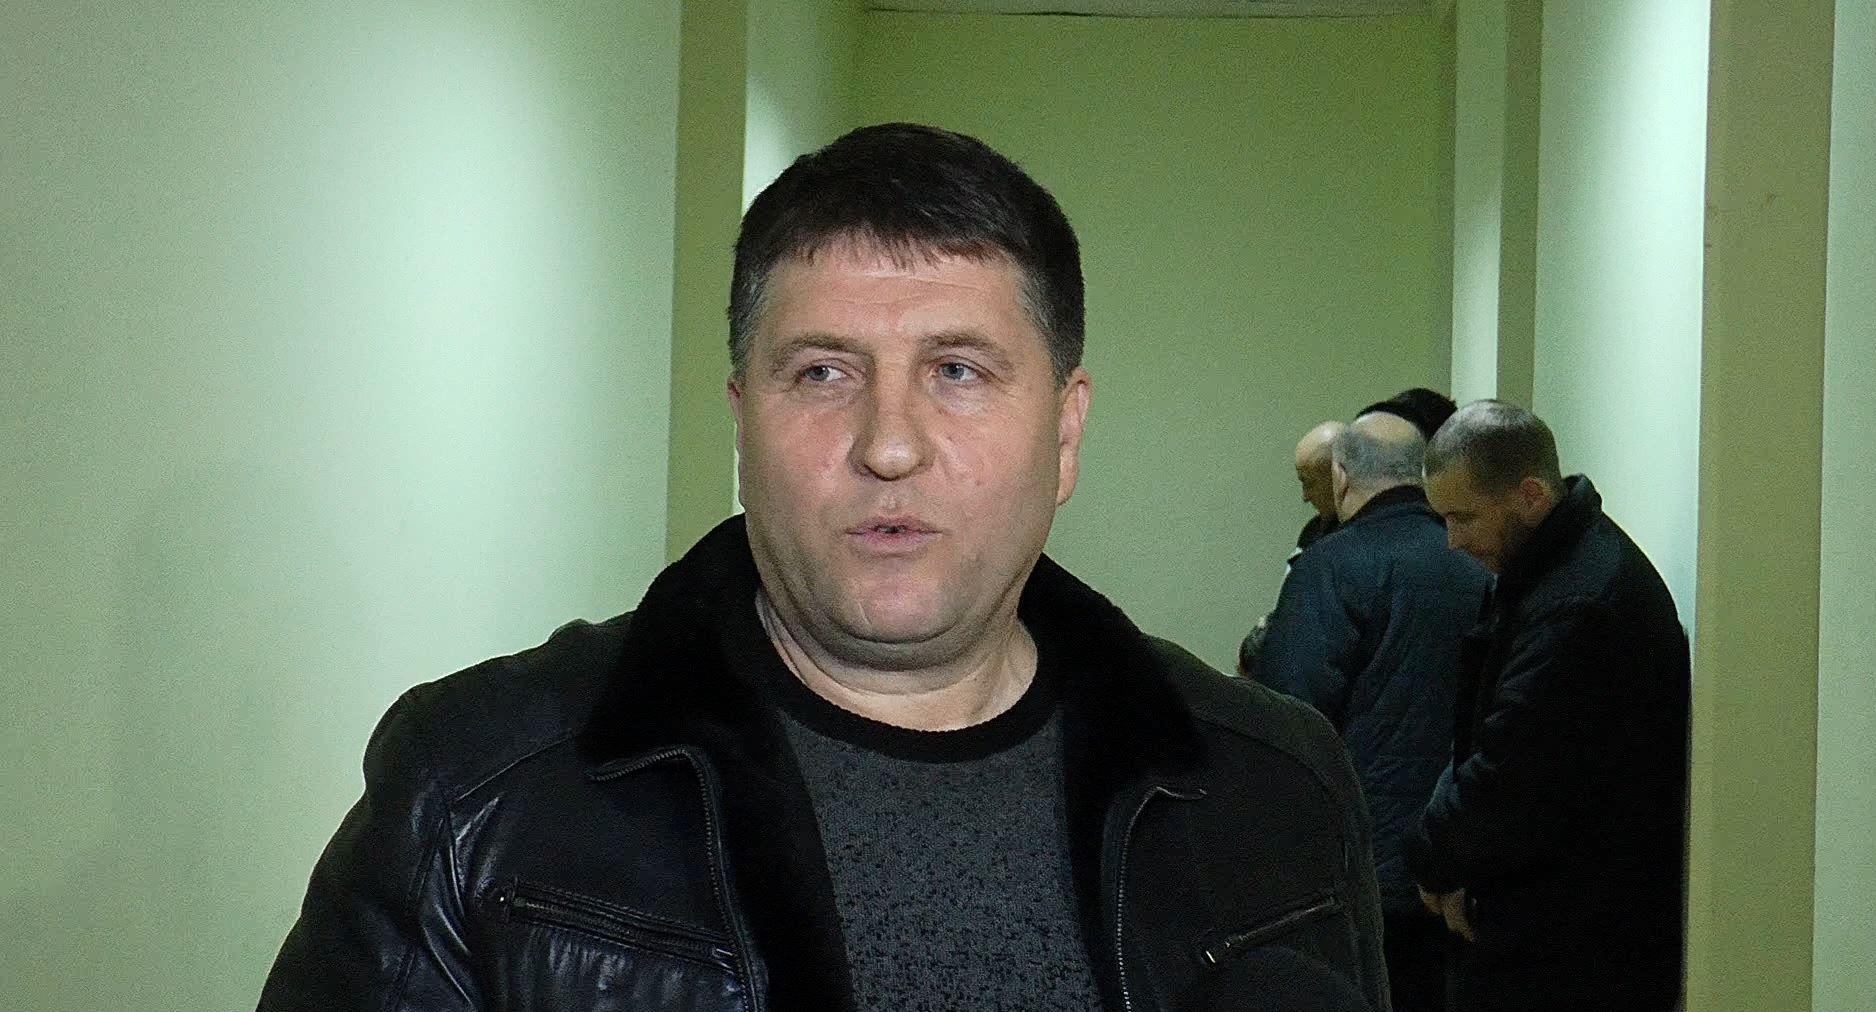 Decizia instanței: Fostul jurist al partidului lui Plahotniuc va continua examinarea cauzei lui Usatîi